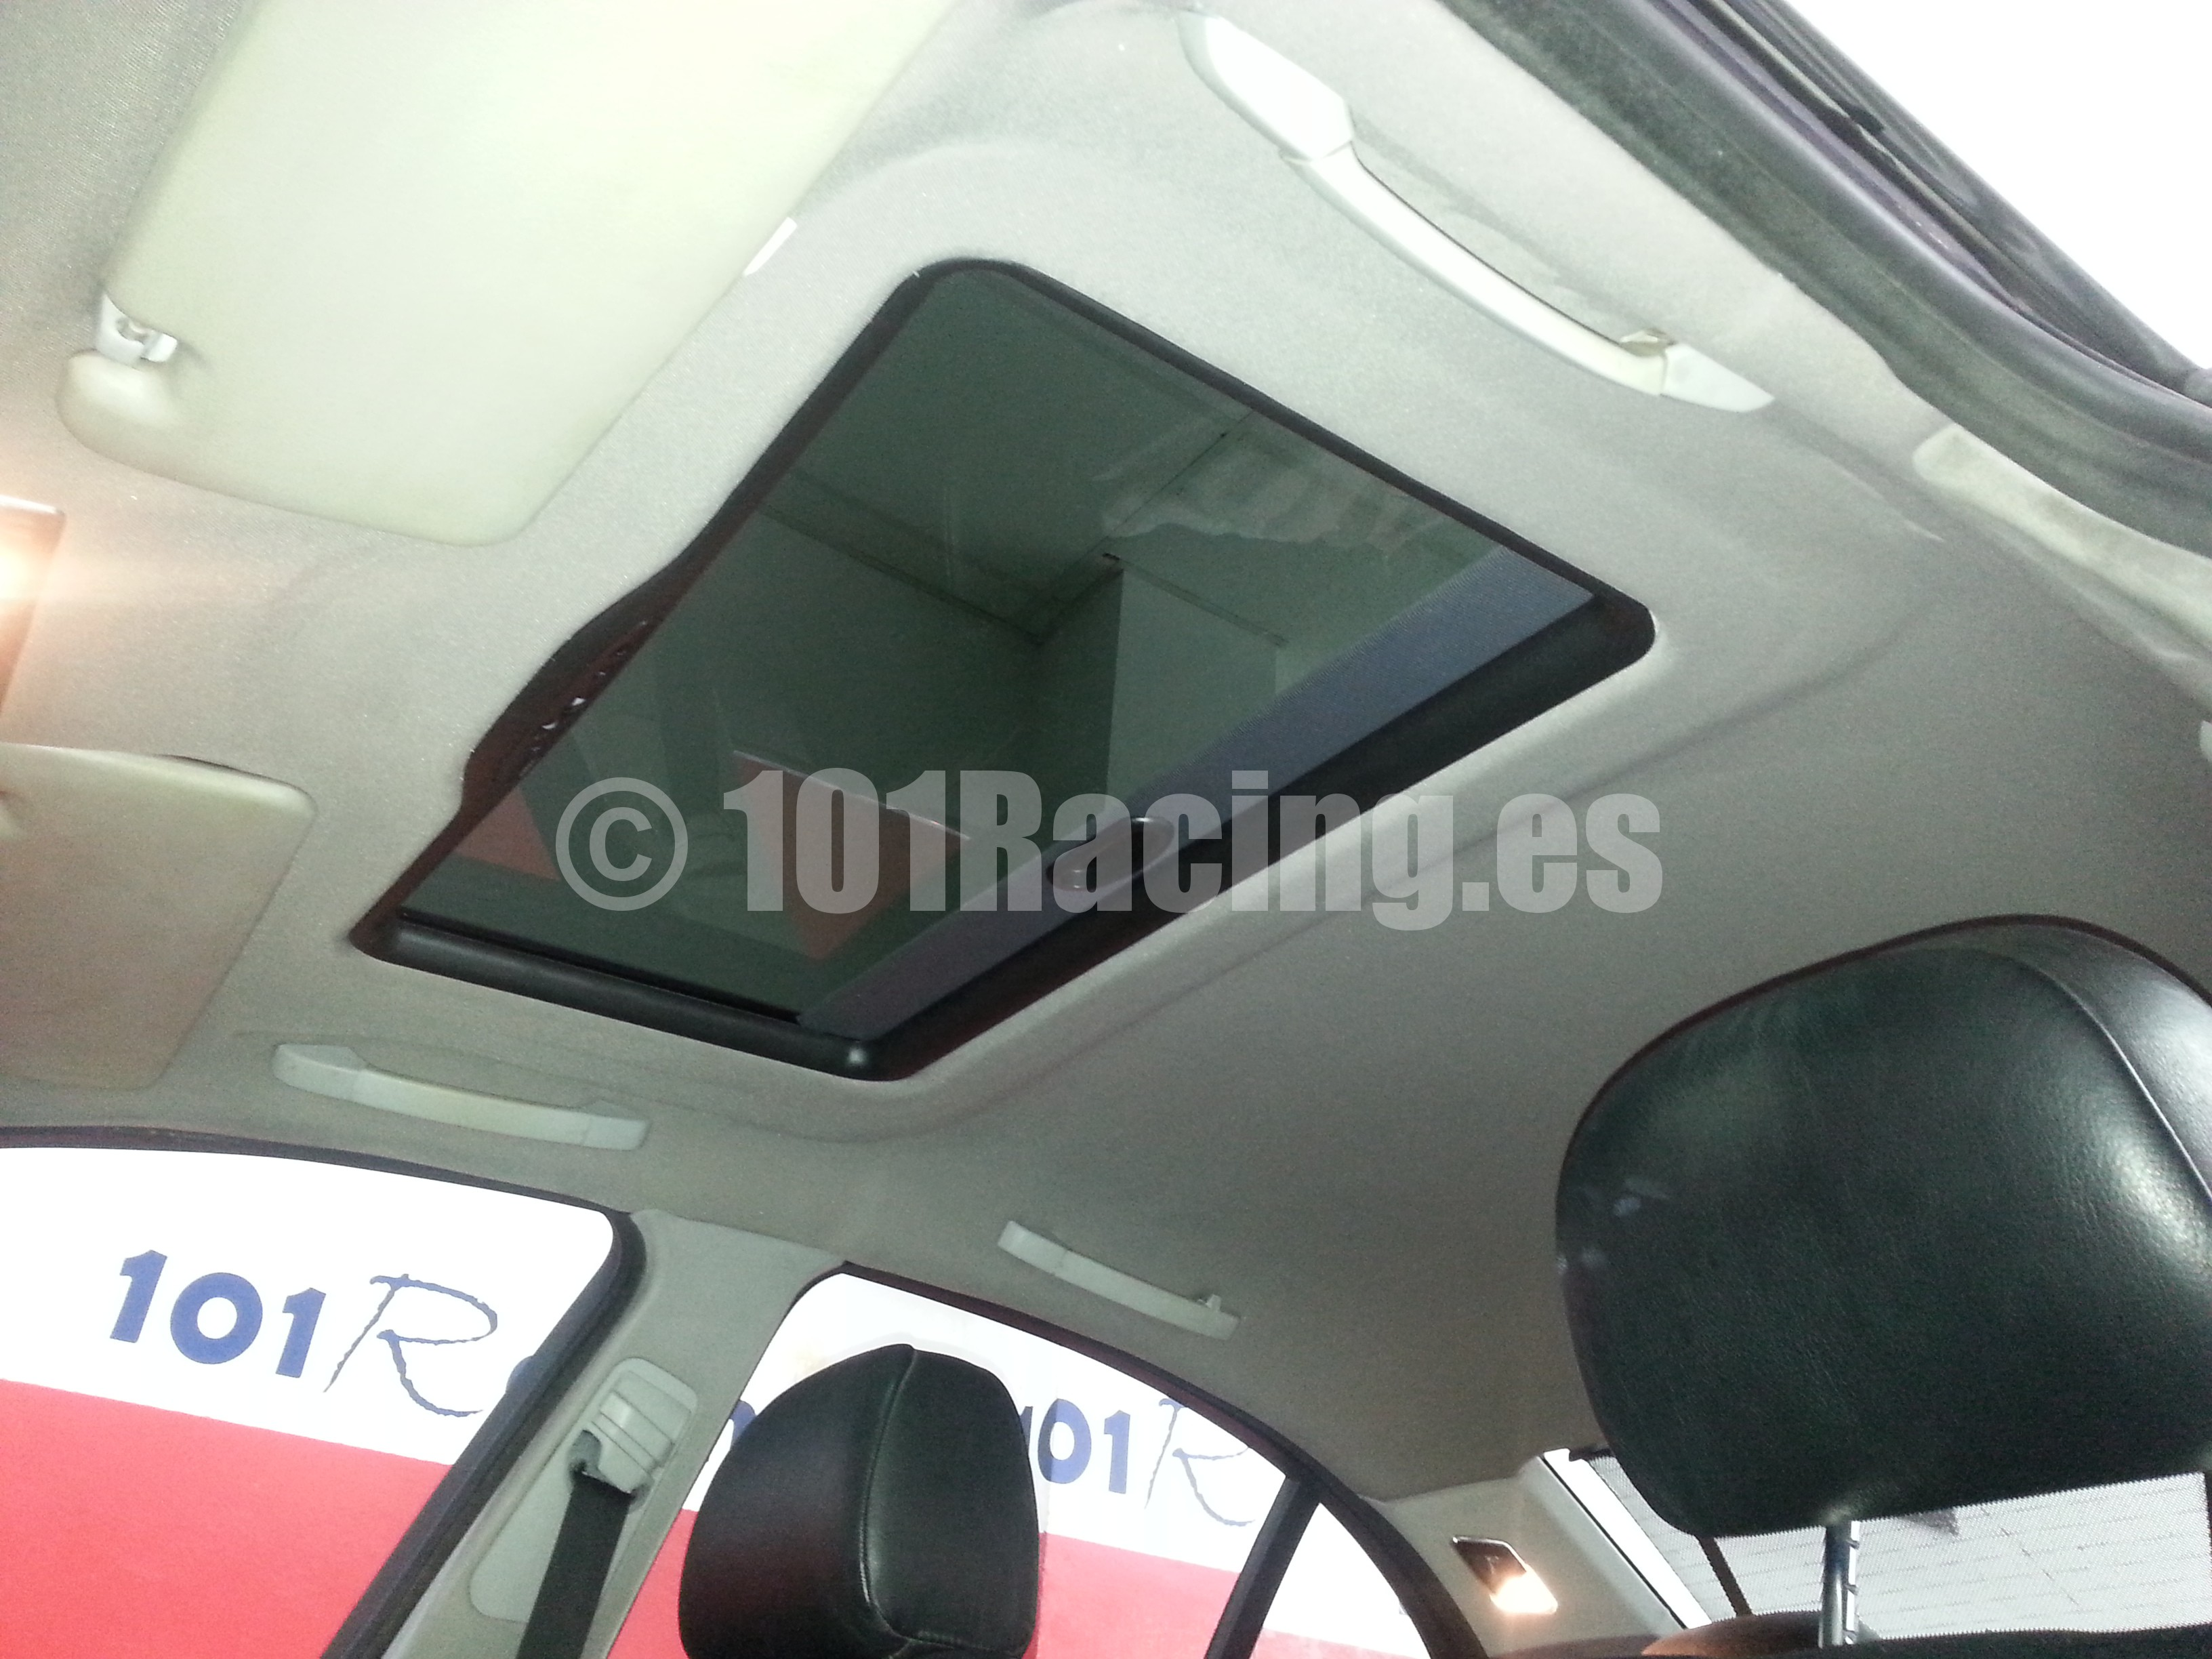 Techo solar para bmw e46 webasto hollandia 300 - Tapizado techo coche ...